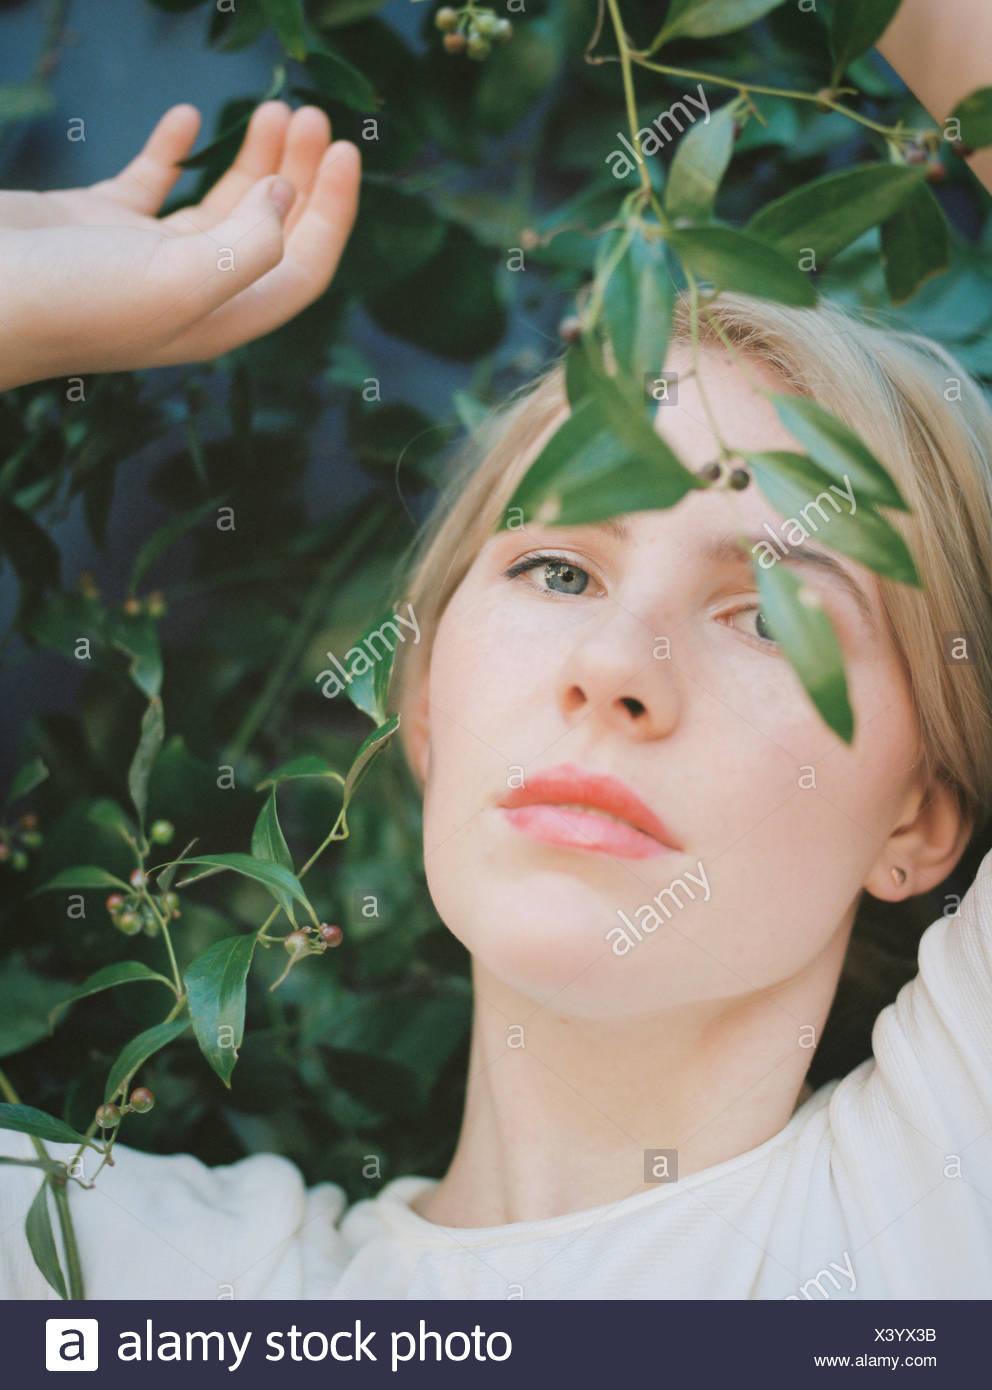 Une femme aux cheveux blonds à rêveusement à travers une vigne avec des feuilles vertes. Photo Stock